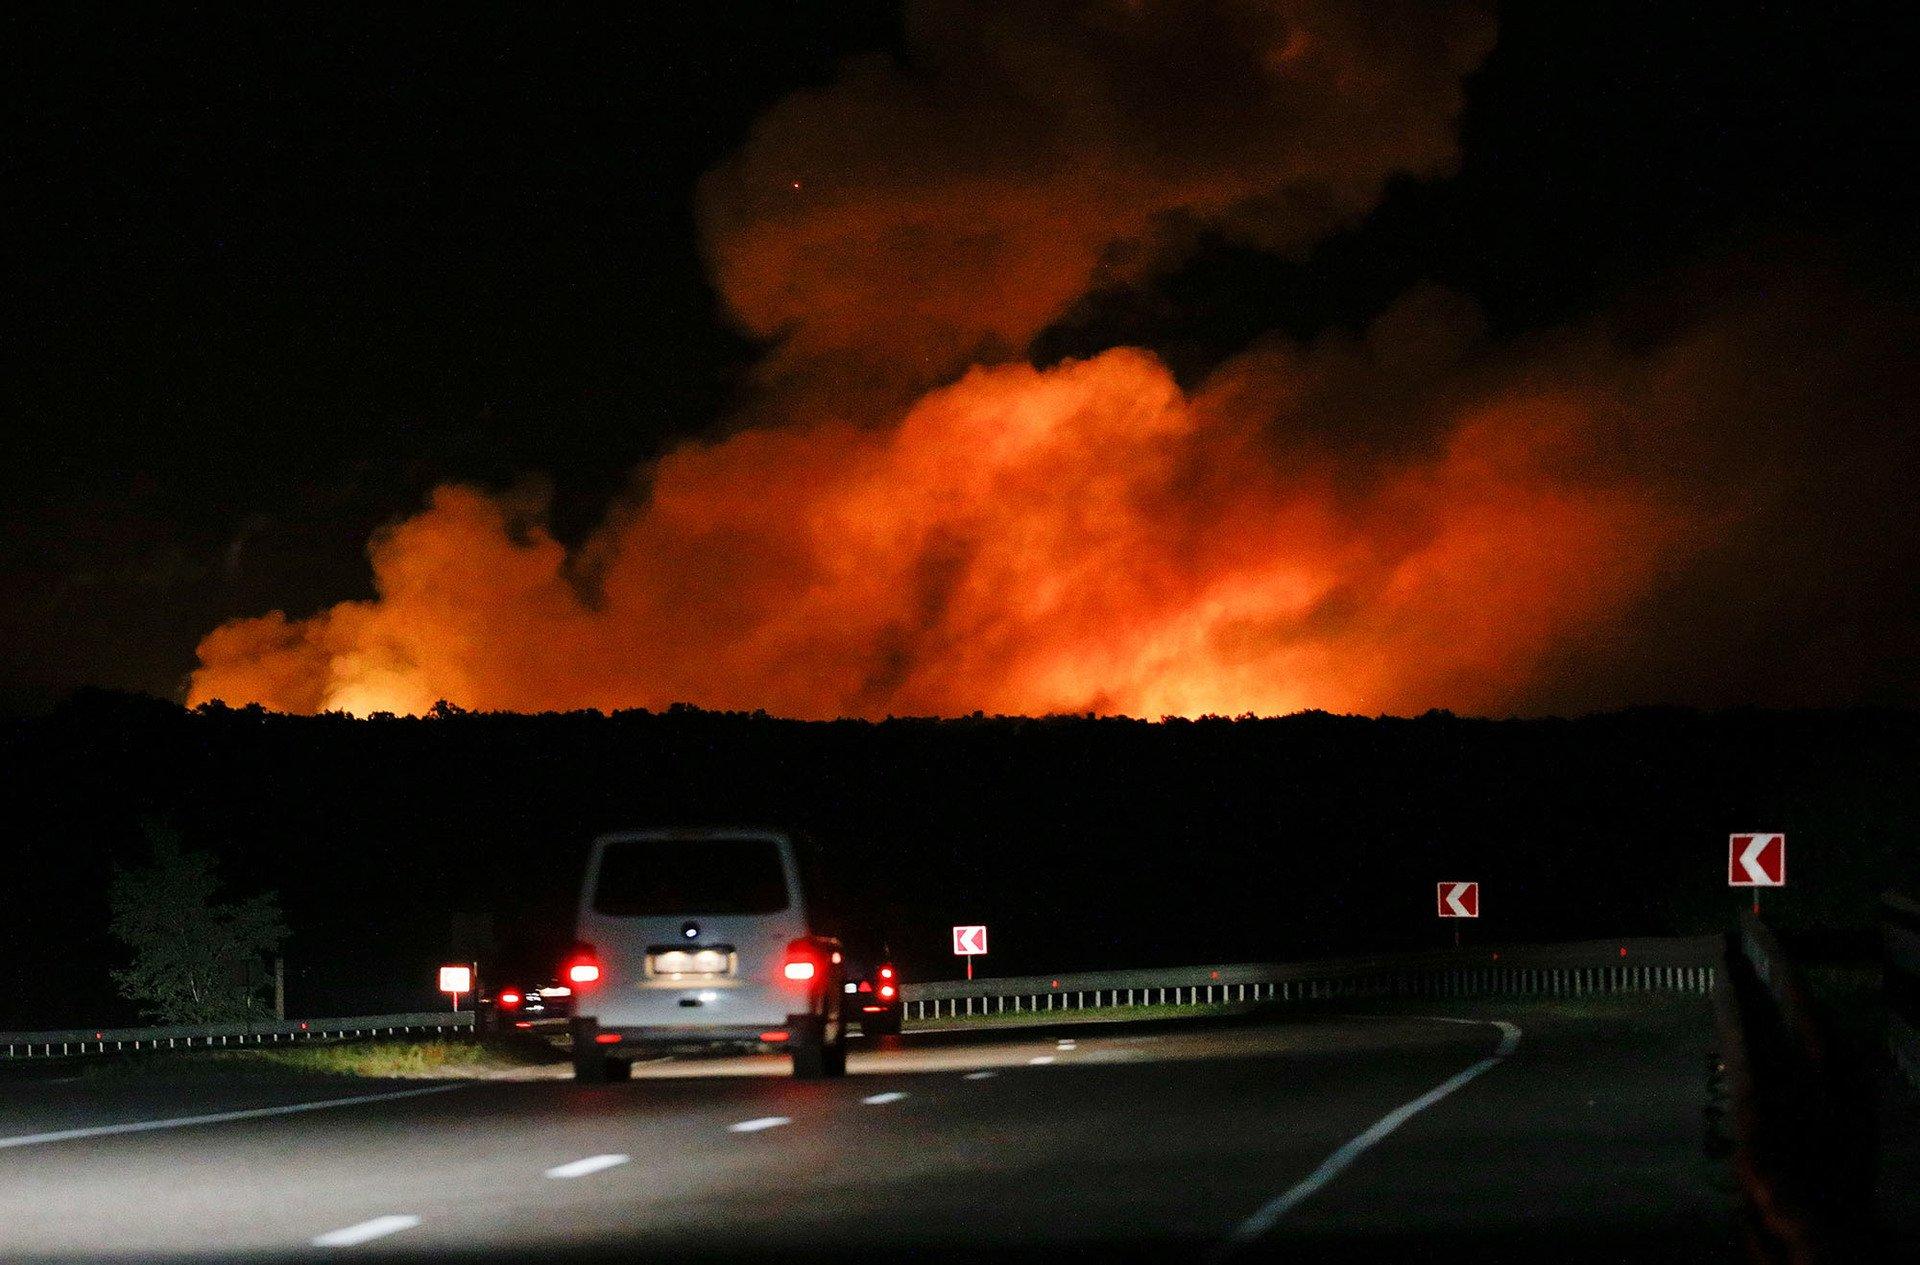 «Після вибухової ночі ми зрозуміли, наскільки важлива тиша» - розповідь евакуйованого з Калинівки подружжя